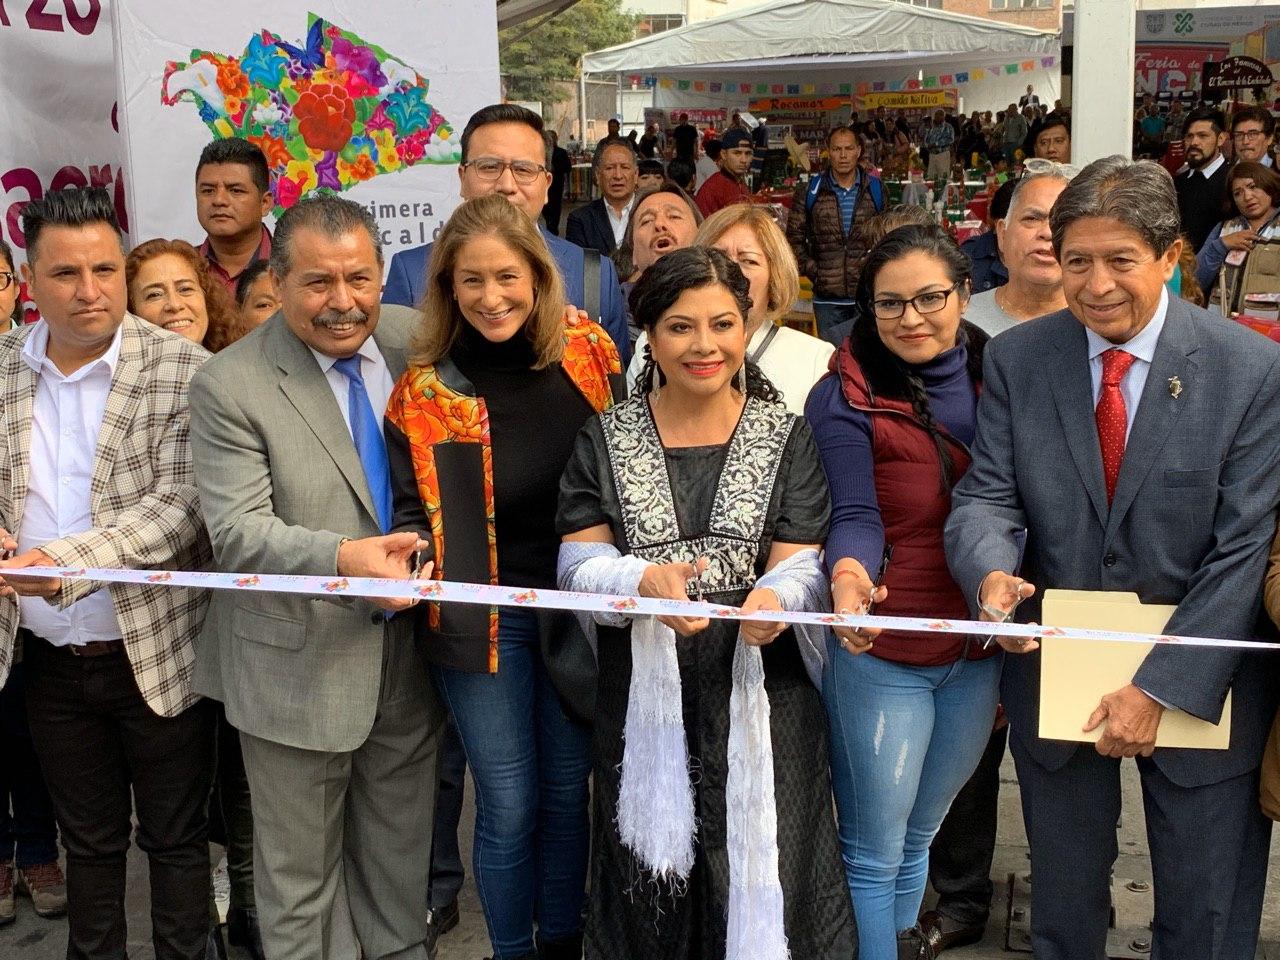 Con Más de 300 opciones del Platillo Tradicional comienza la XVII Feria de la Enchilada en Iztapalapa